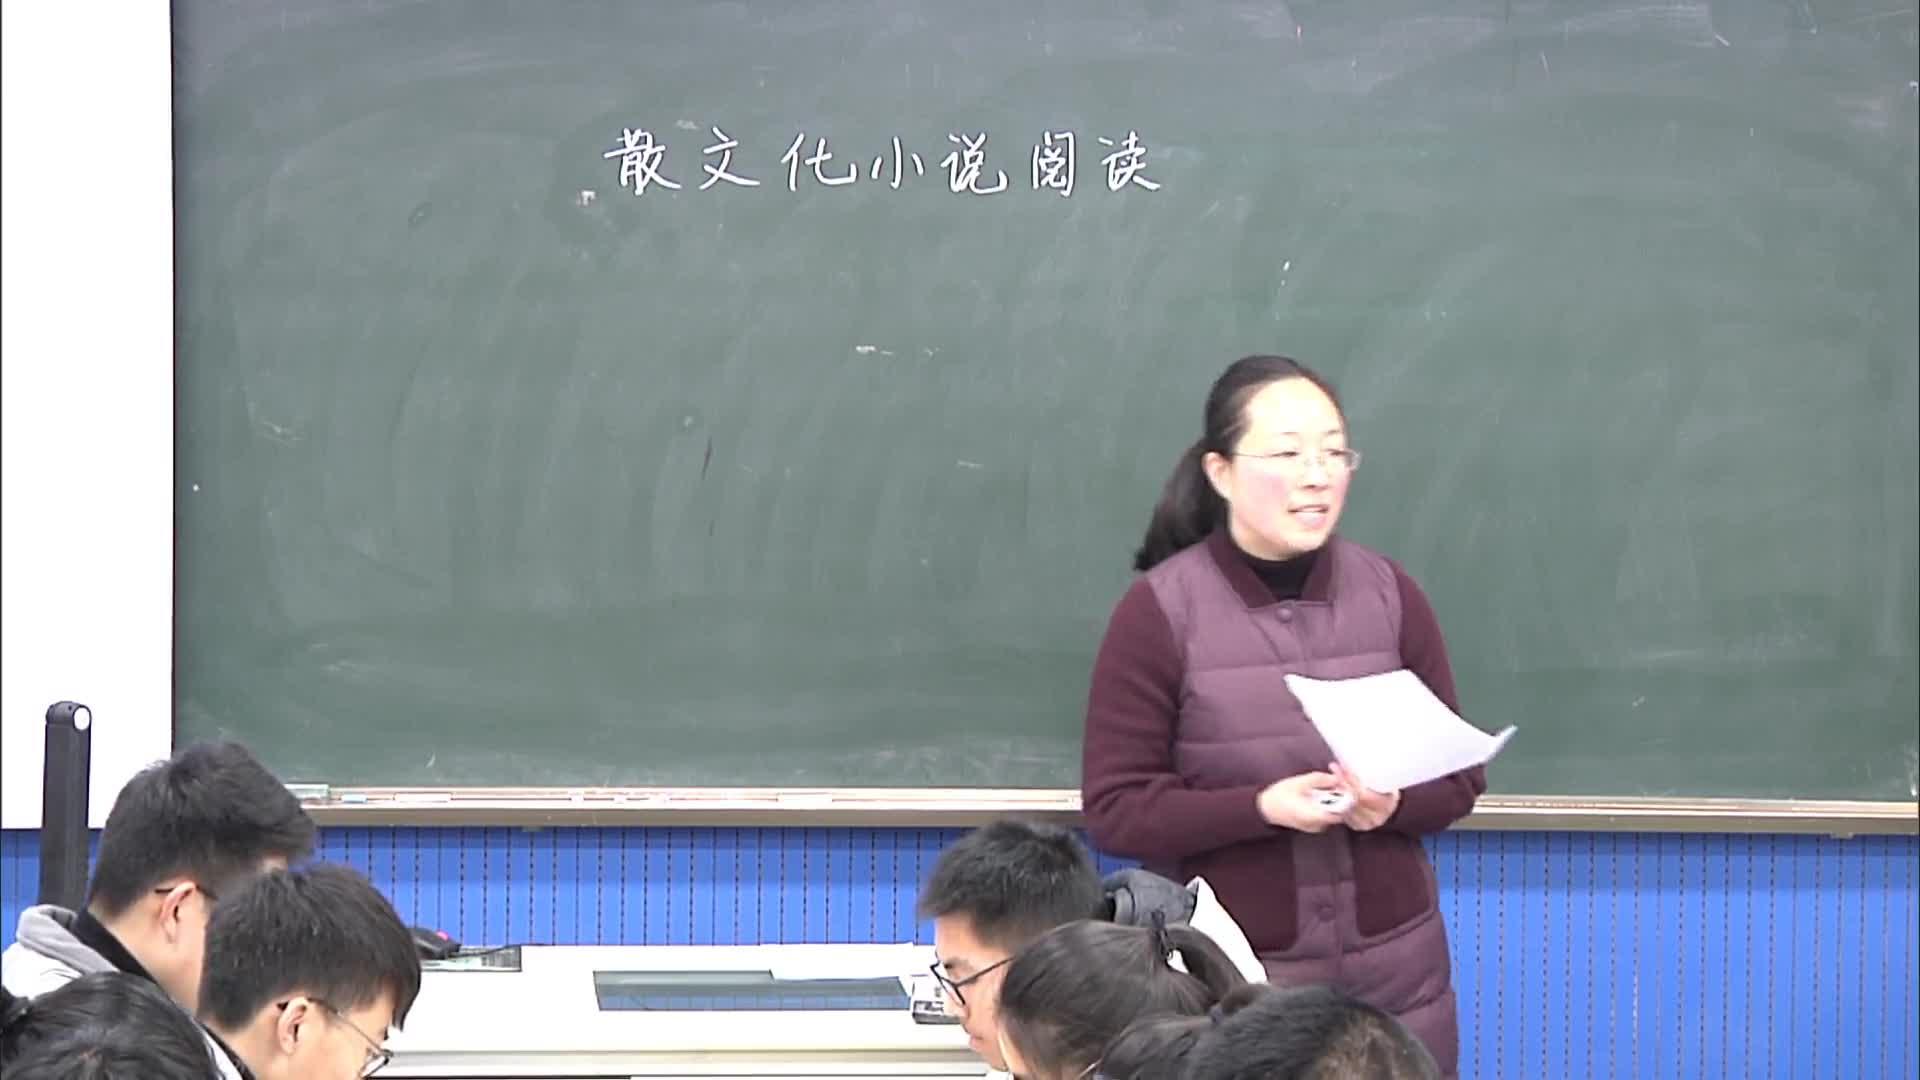 苏教版 高考语文 散文化小说阅读-课堂实录